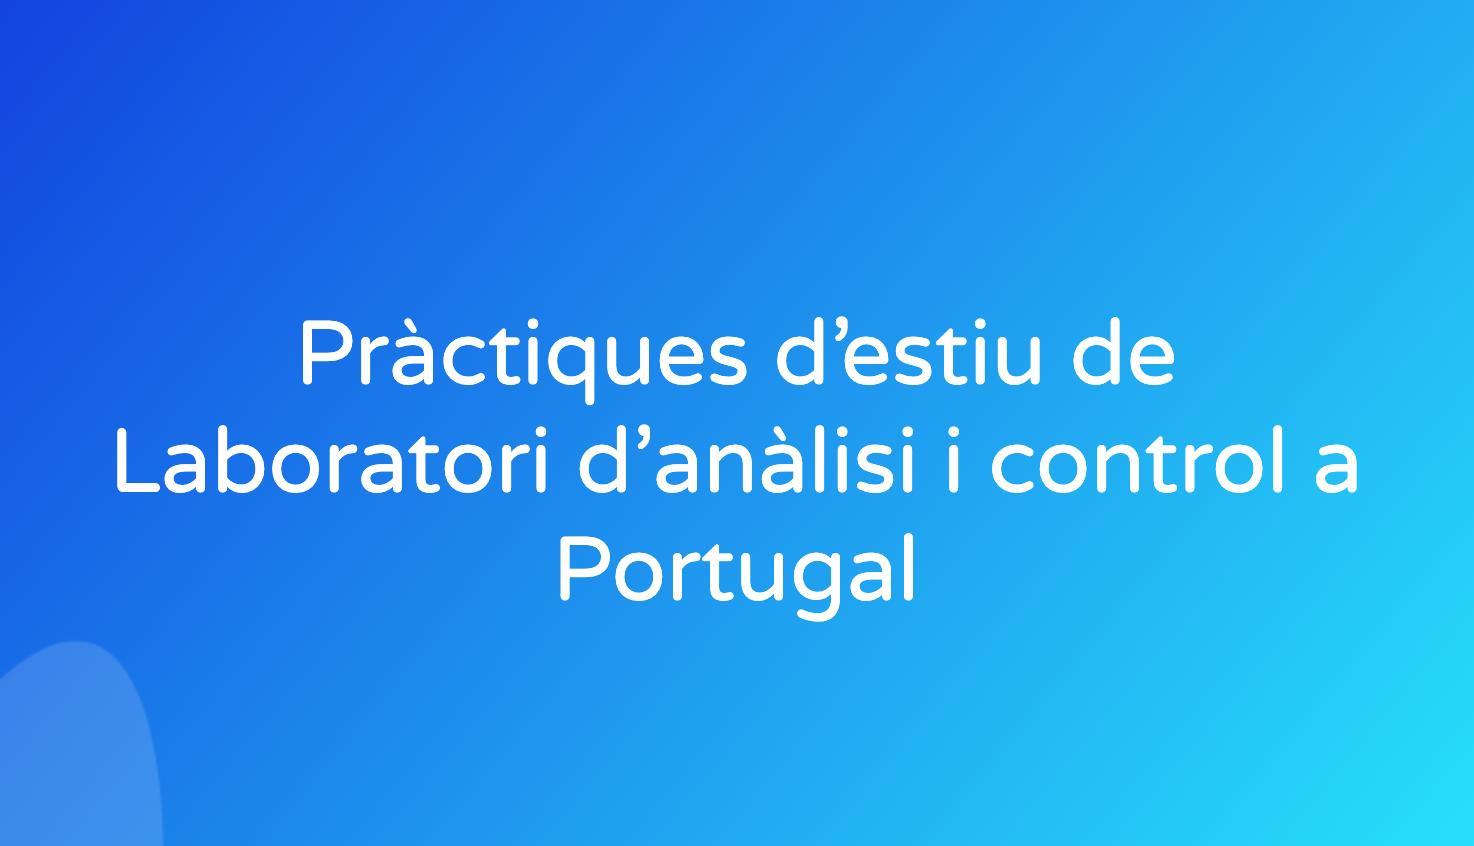 Pràctiques d'estiu de Laboratori d'anàlisi i control a Portugal